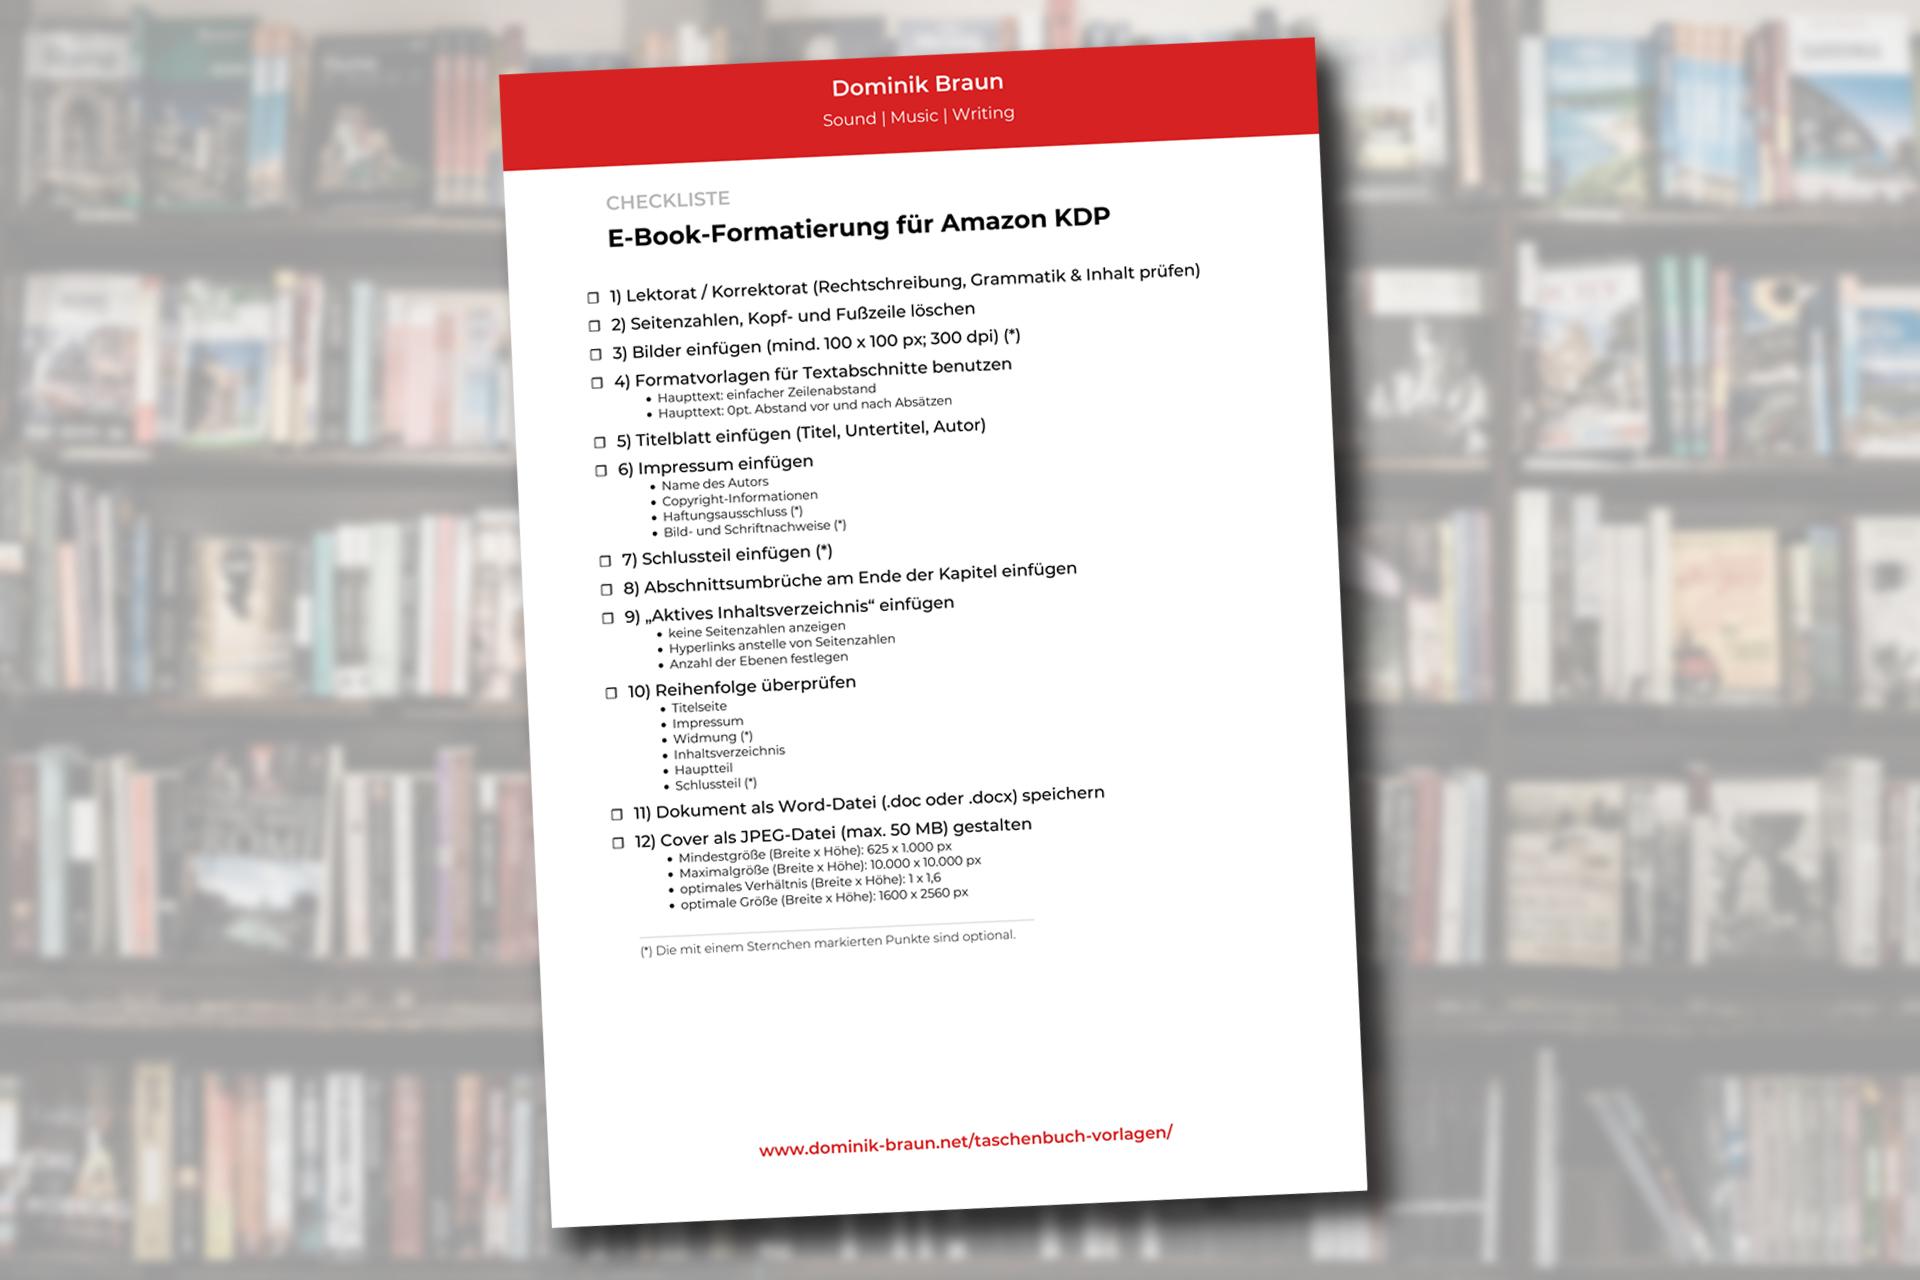 Checkliste E-Book-Formatierung Amazon KDP